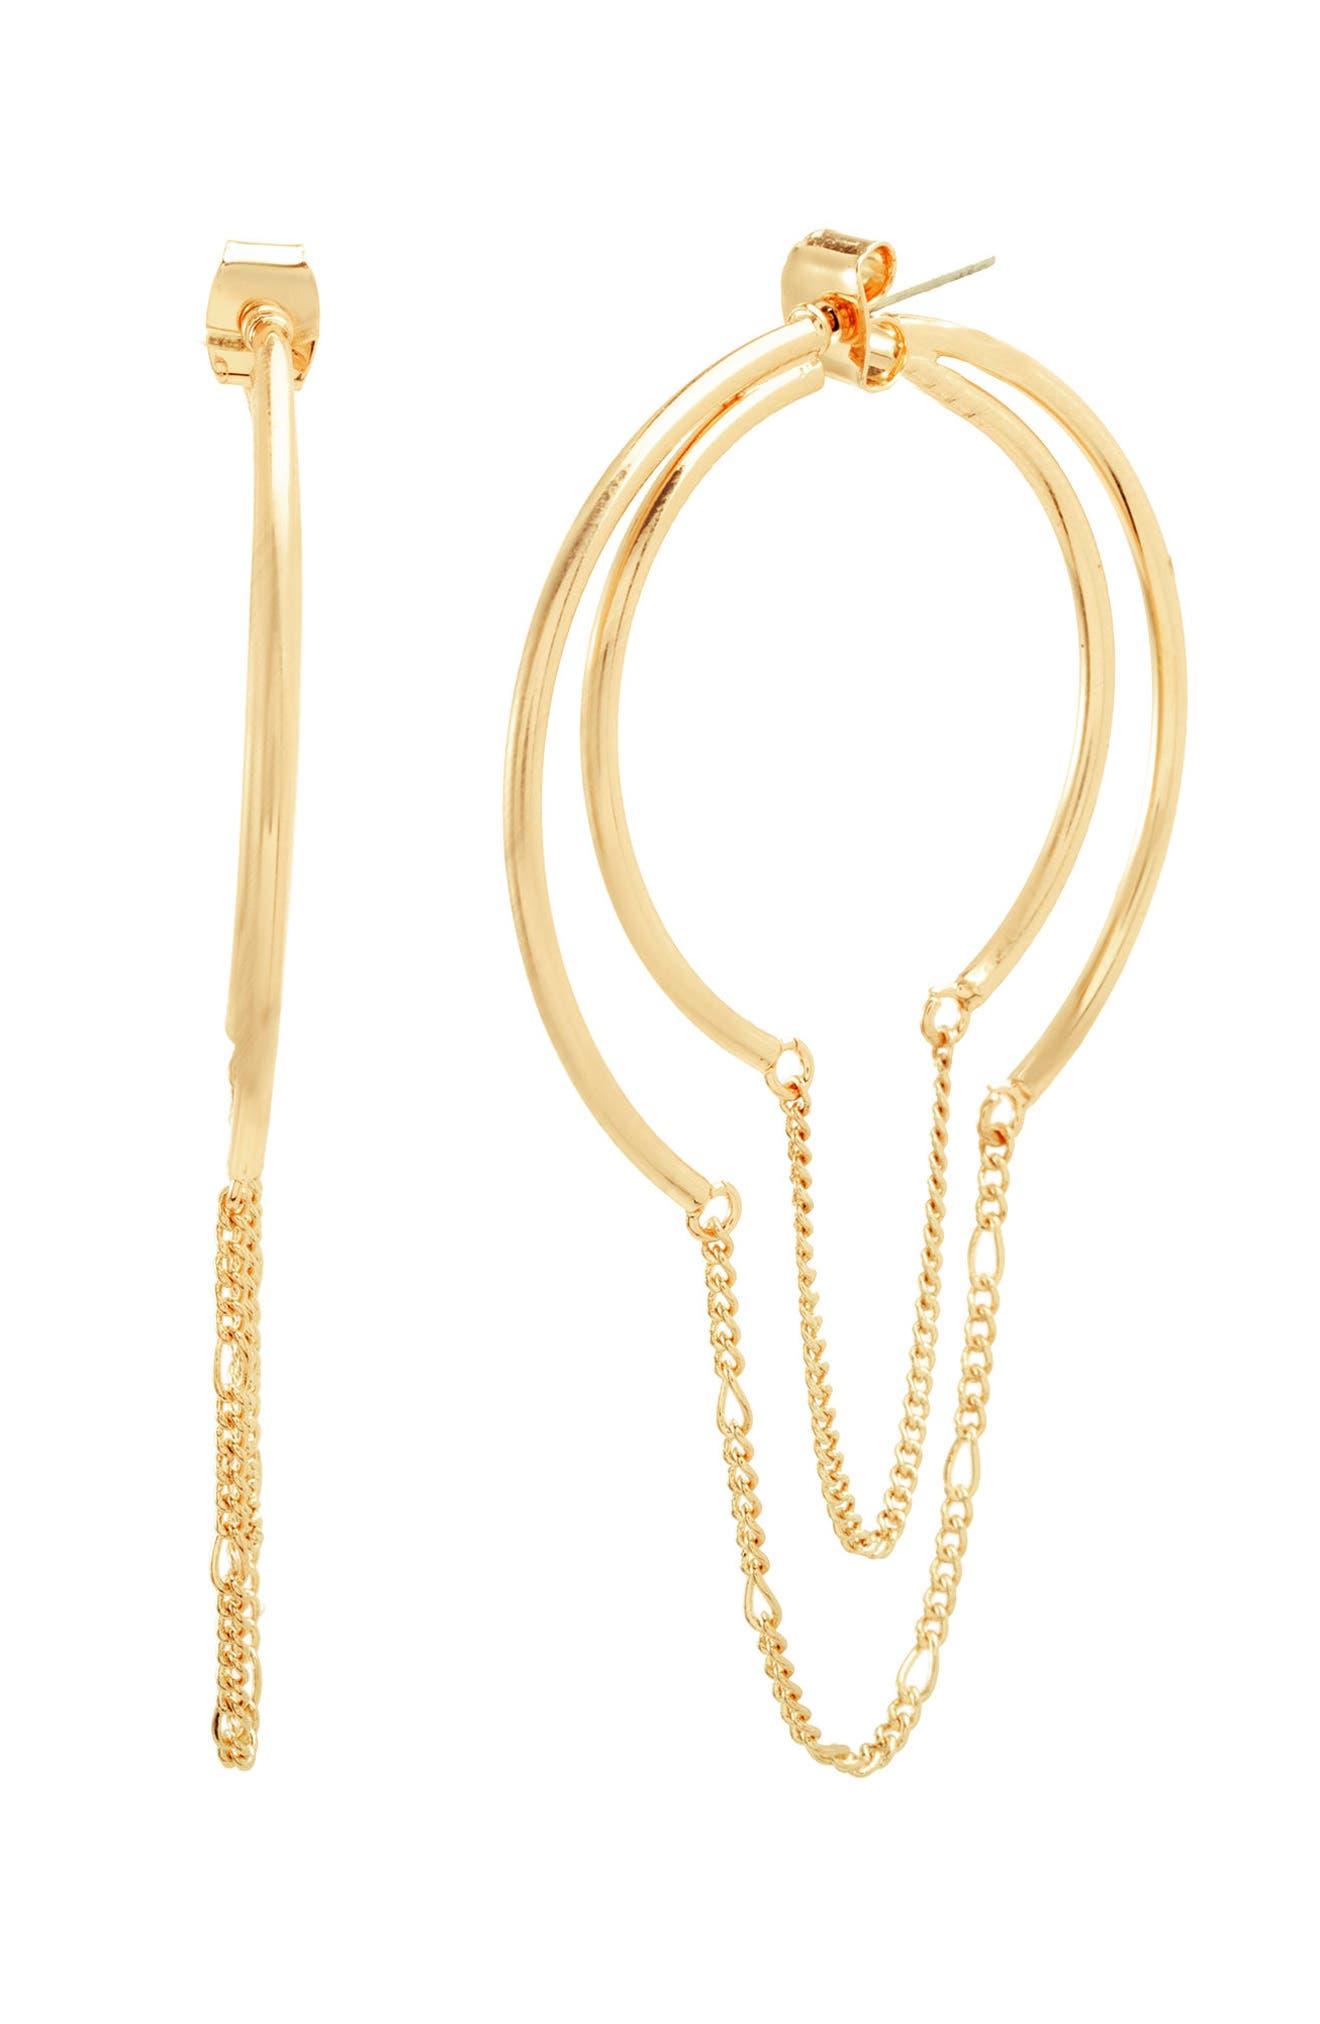 STEVE MADDEN Chain Hoop Earrings